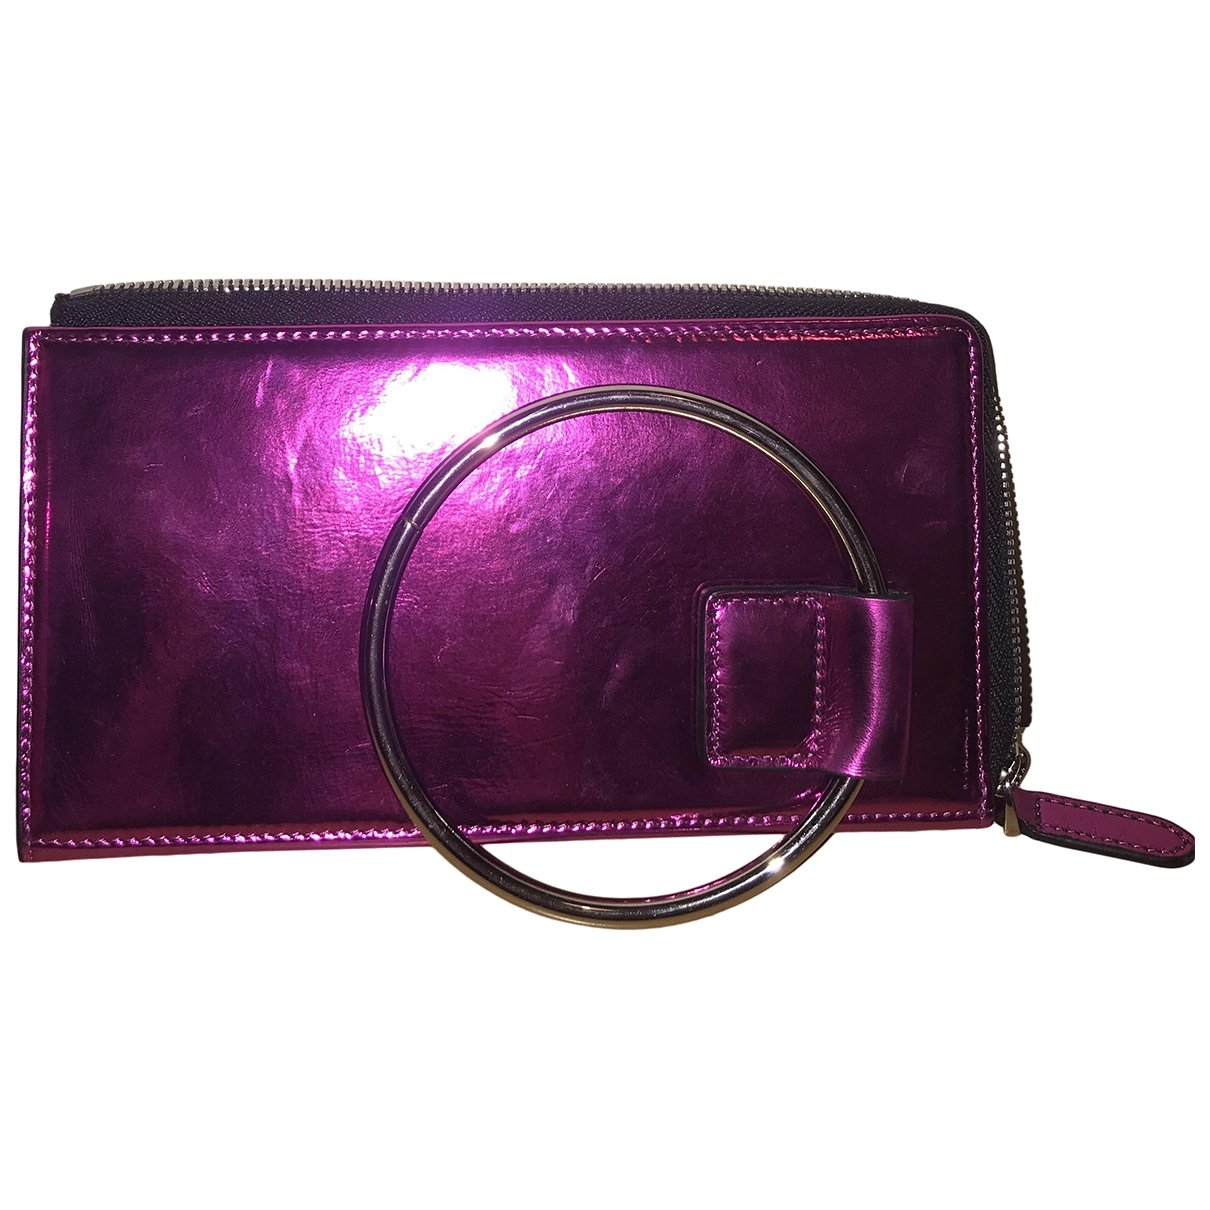 Mo&co - Pochette   pour femme en cuir verni - metallise